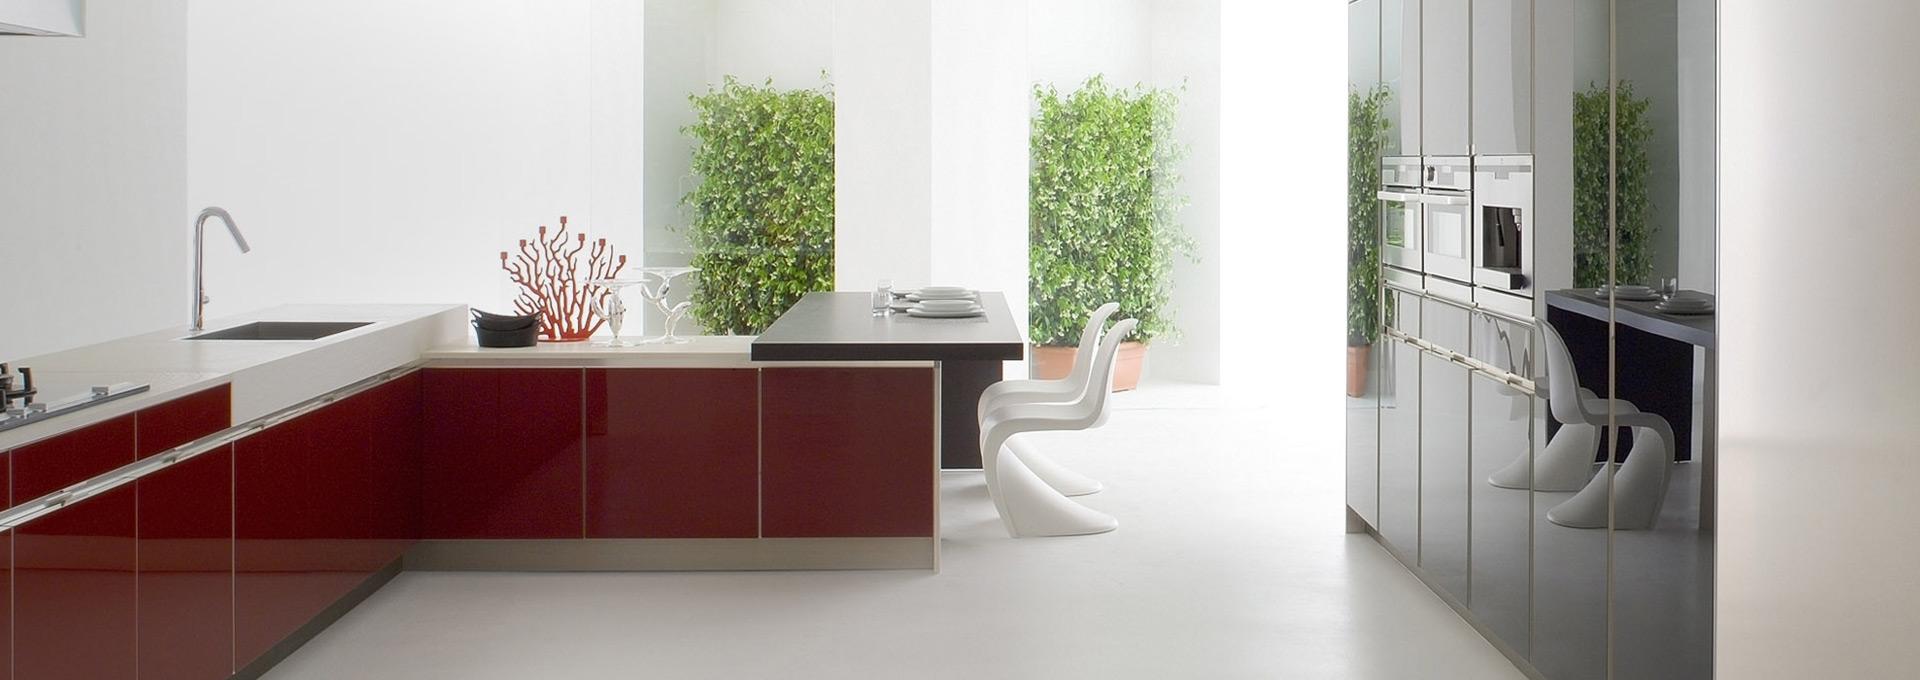 modele-beton-blanc-interieur-sherbrooke-estrie